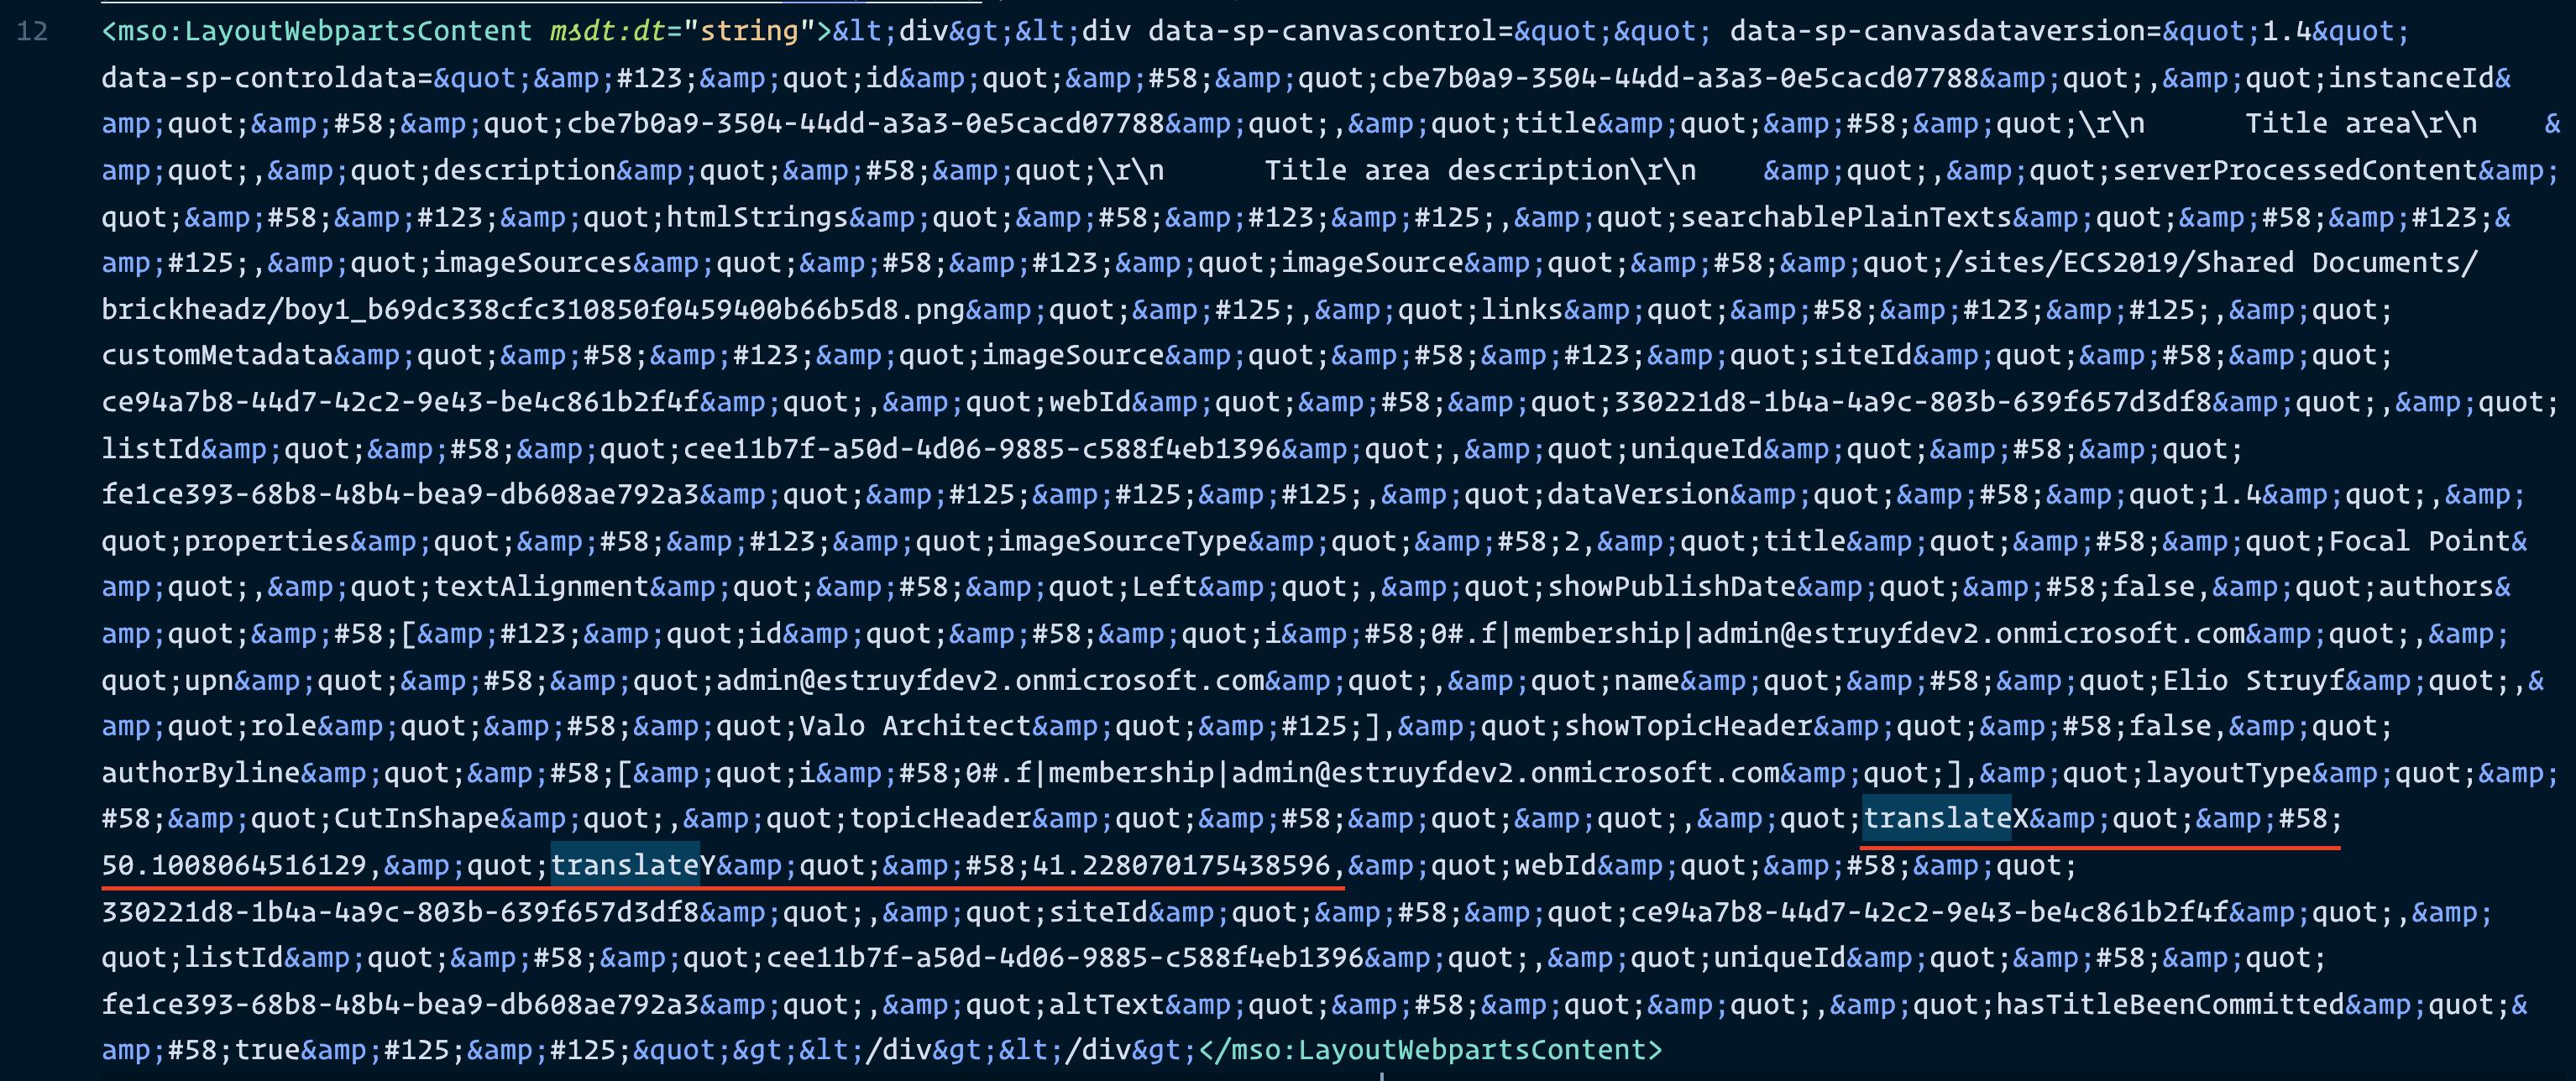 LayoutWebpartsContent data